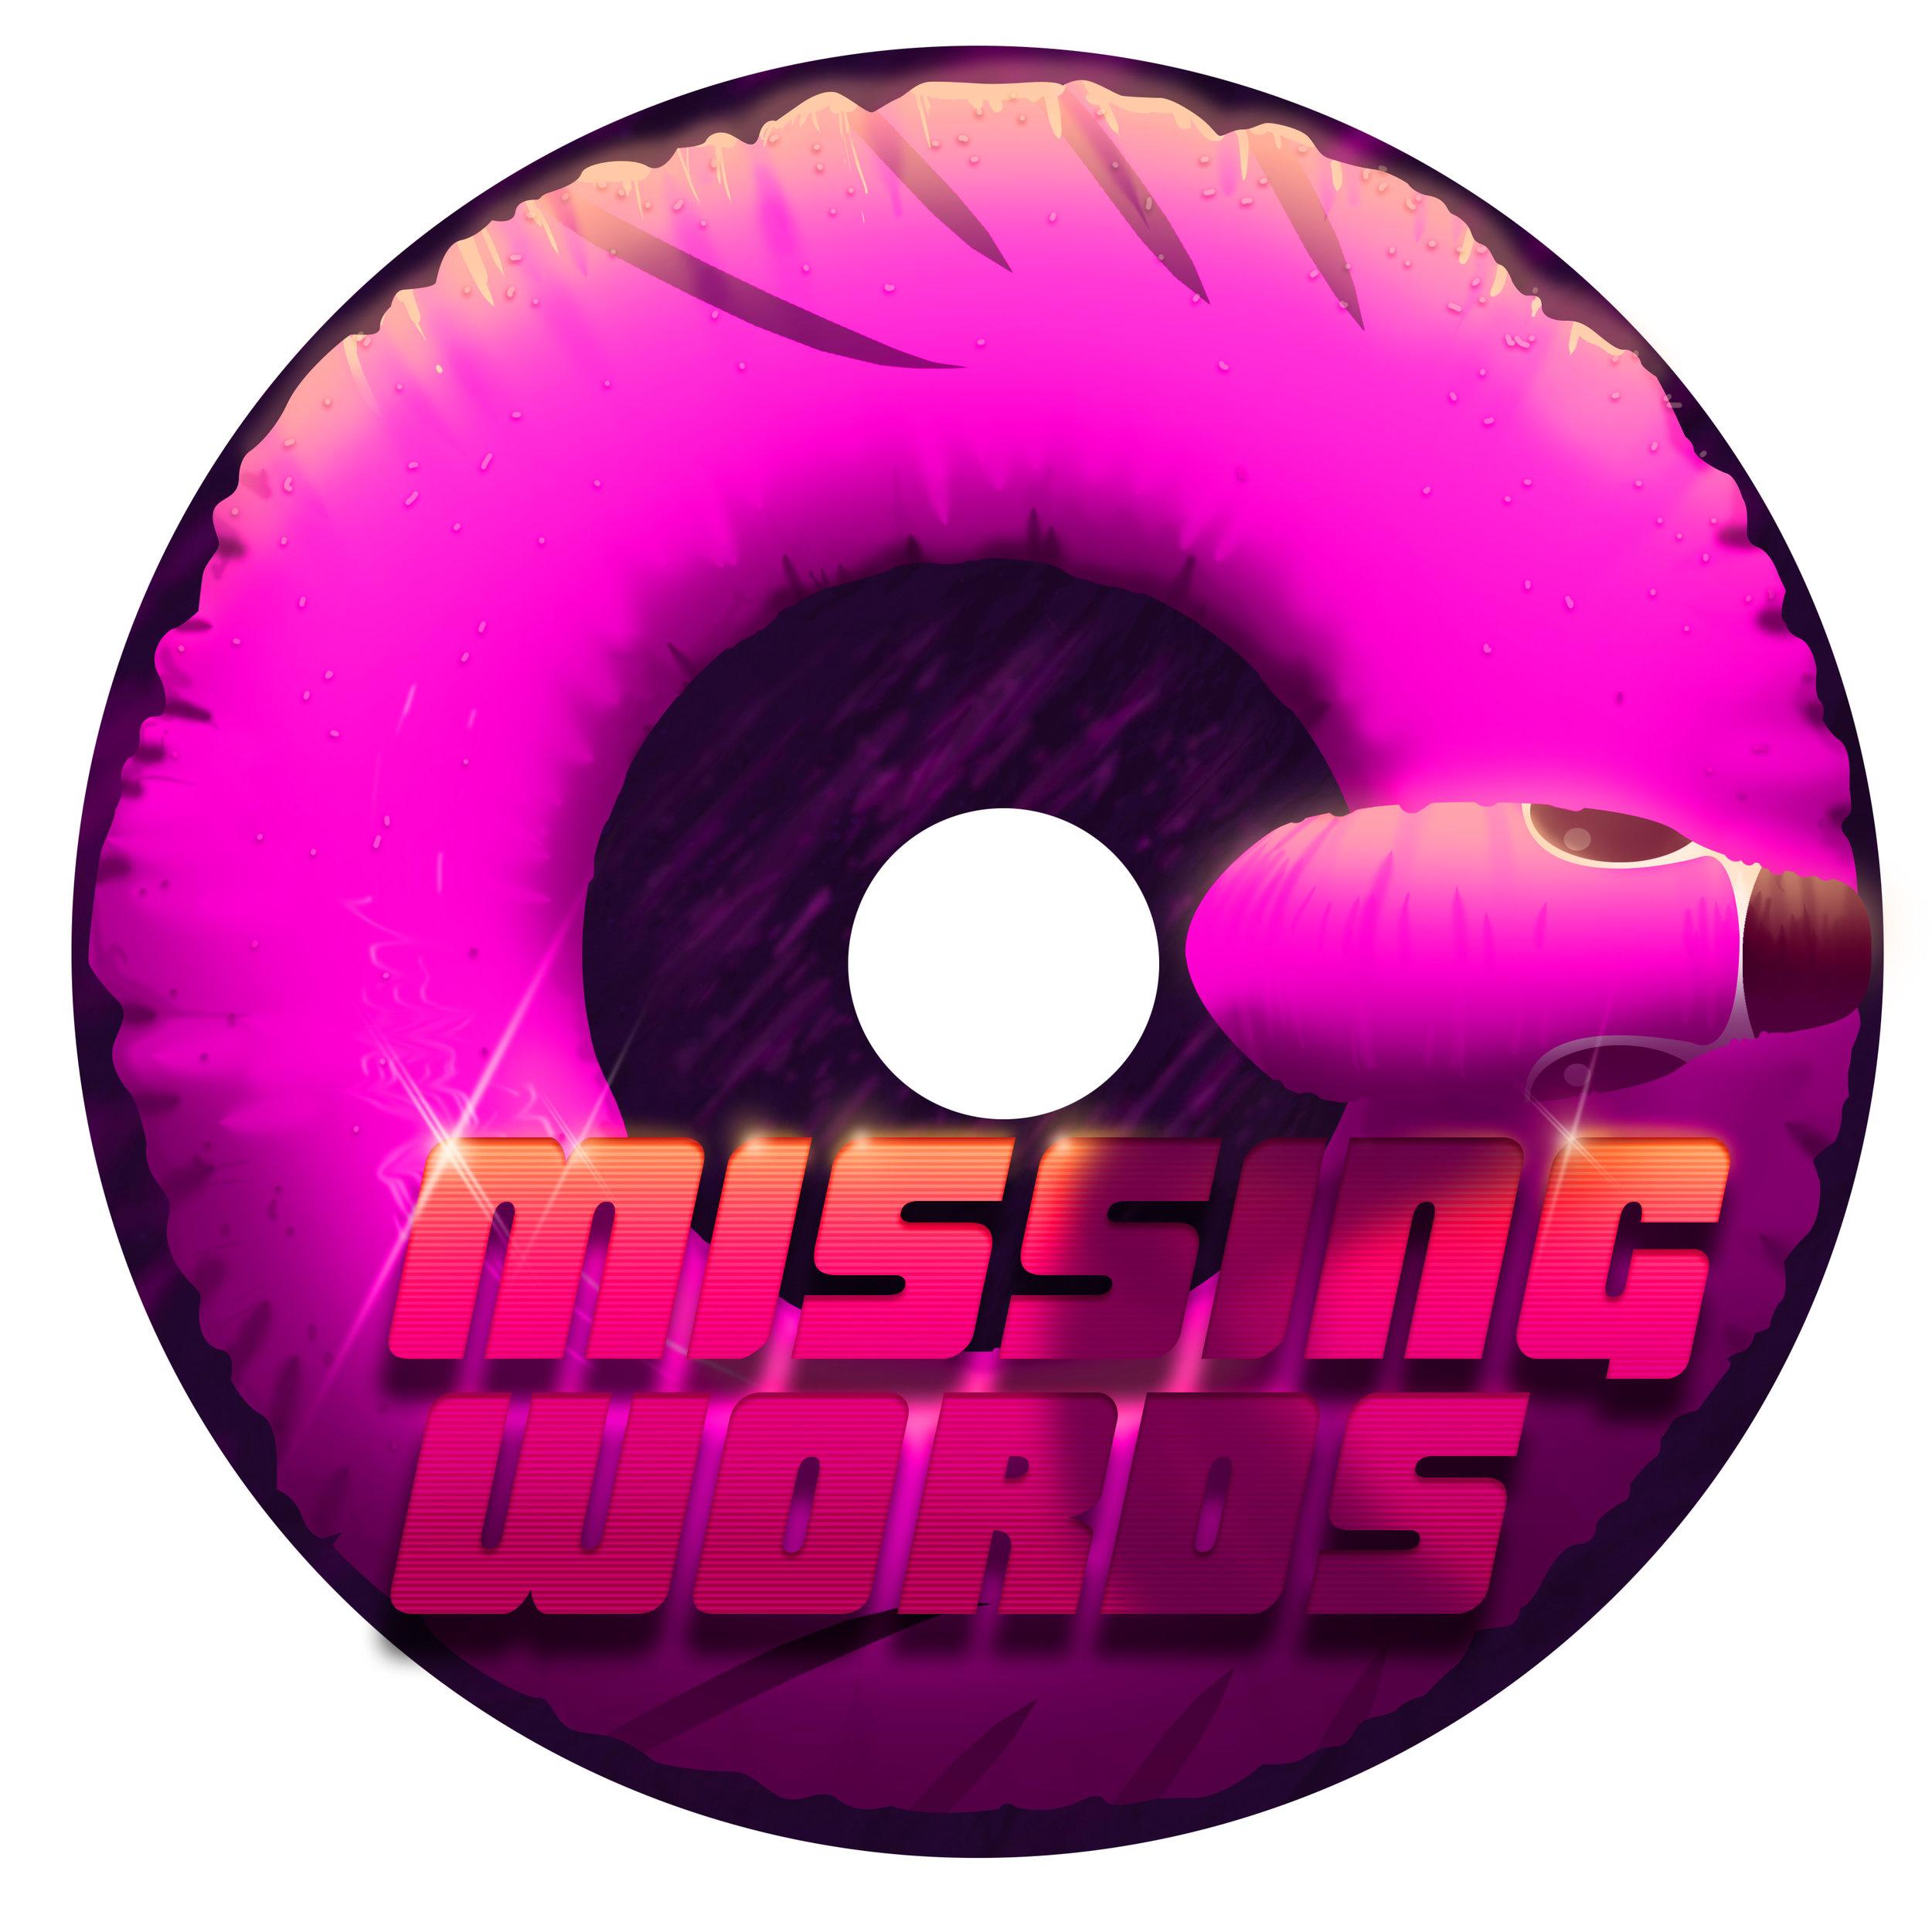 Memories_CD_Art_1_Preview.jpg